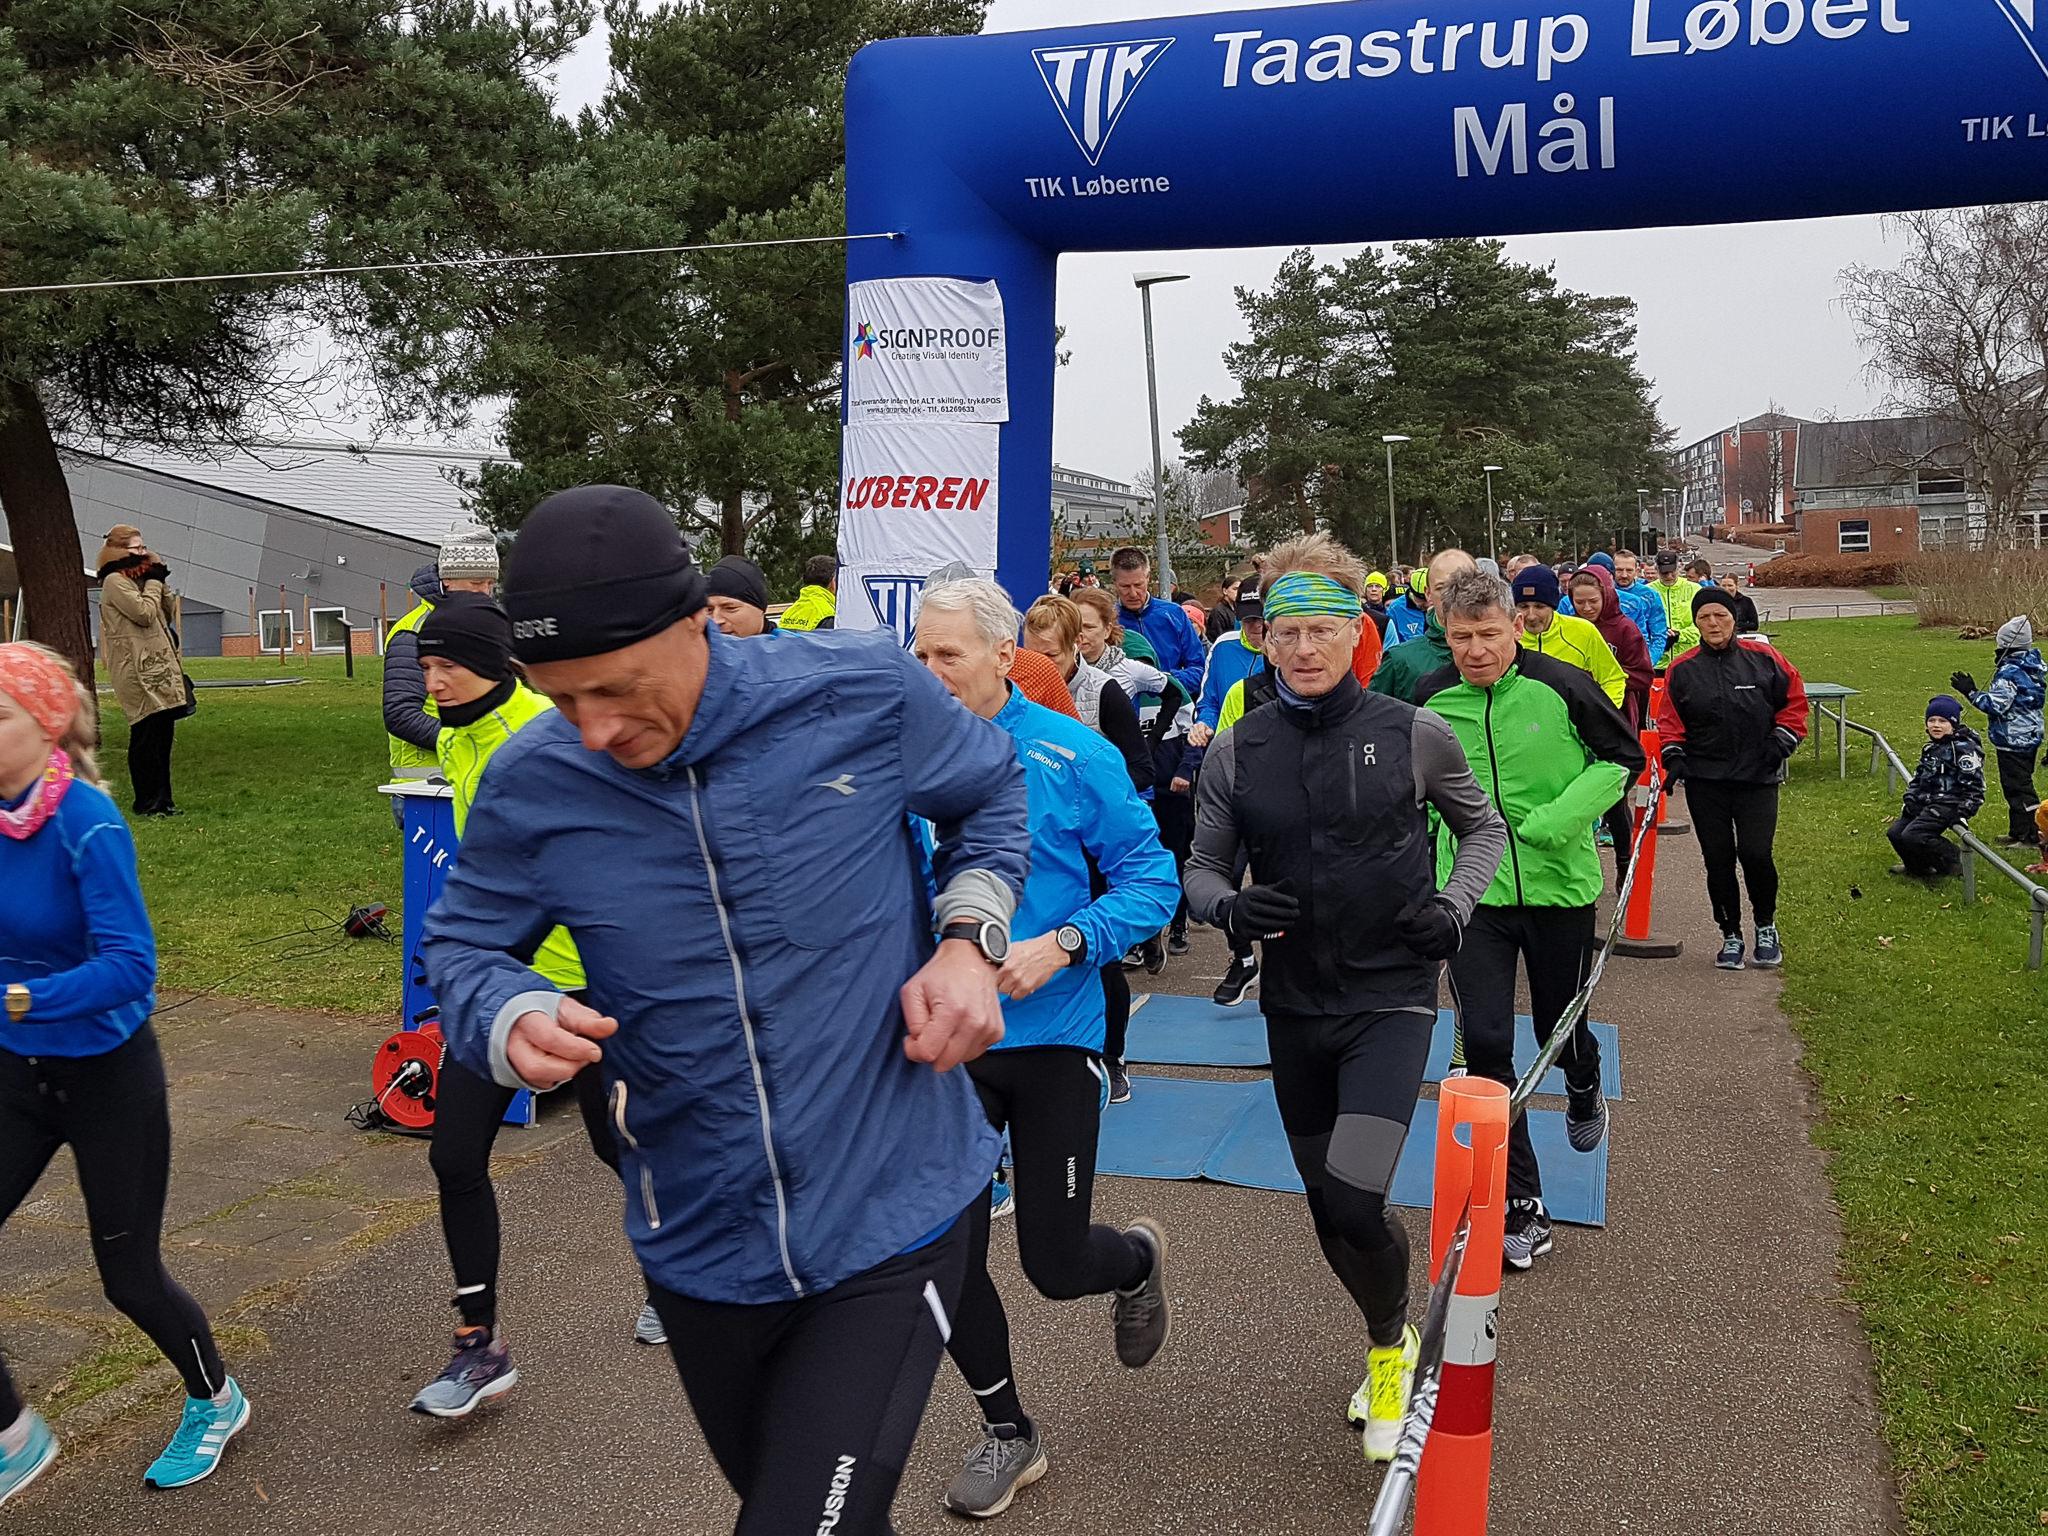 2020-02-09-110-Taastrup-Løbet-2020-02